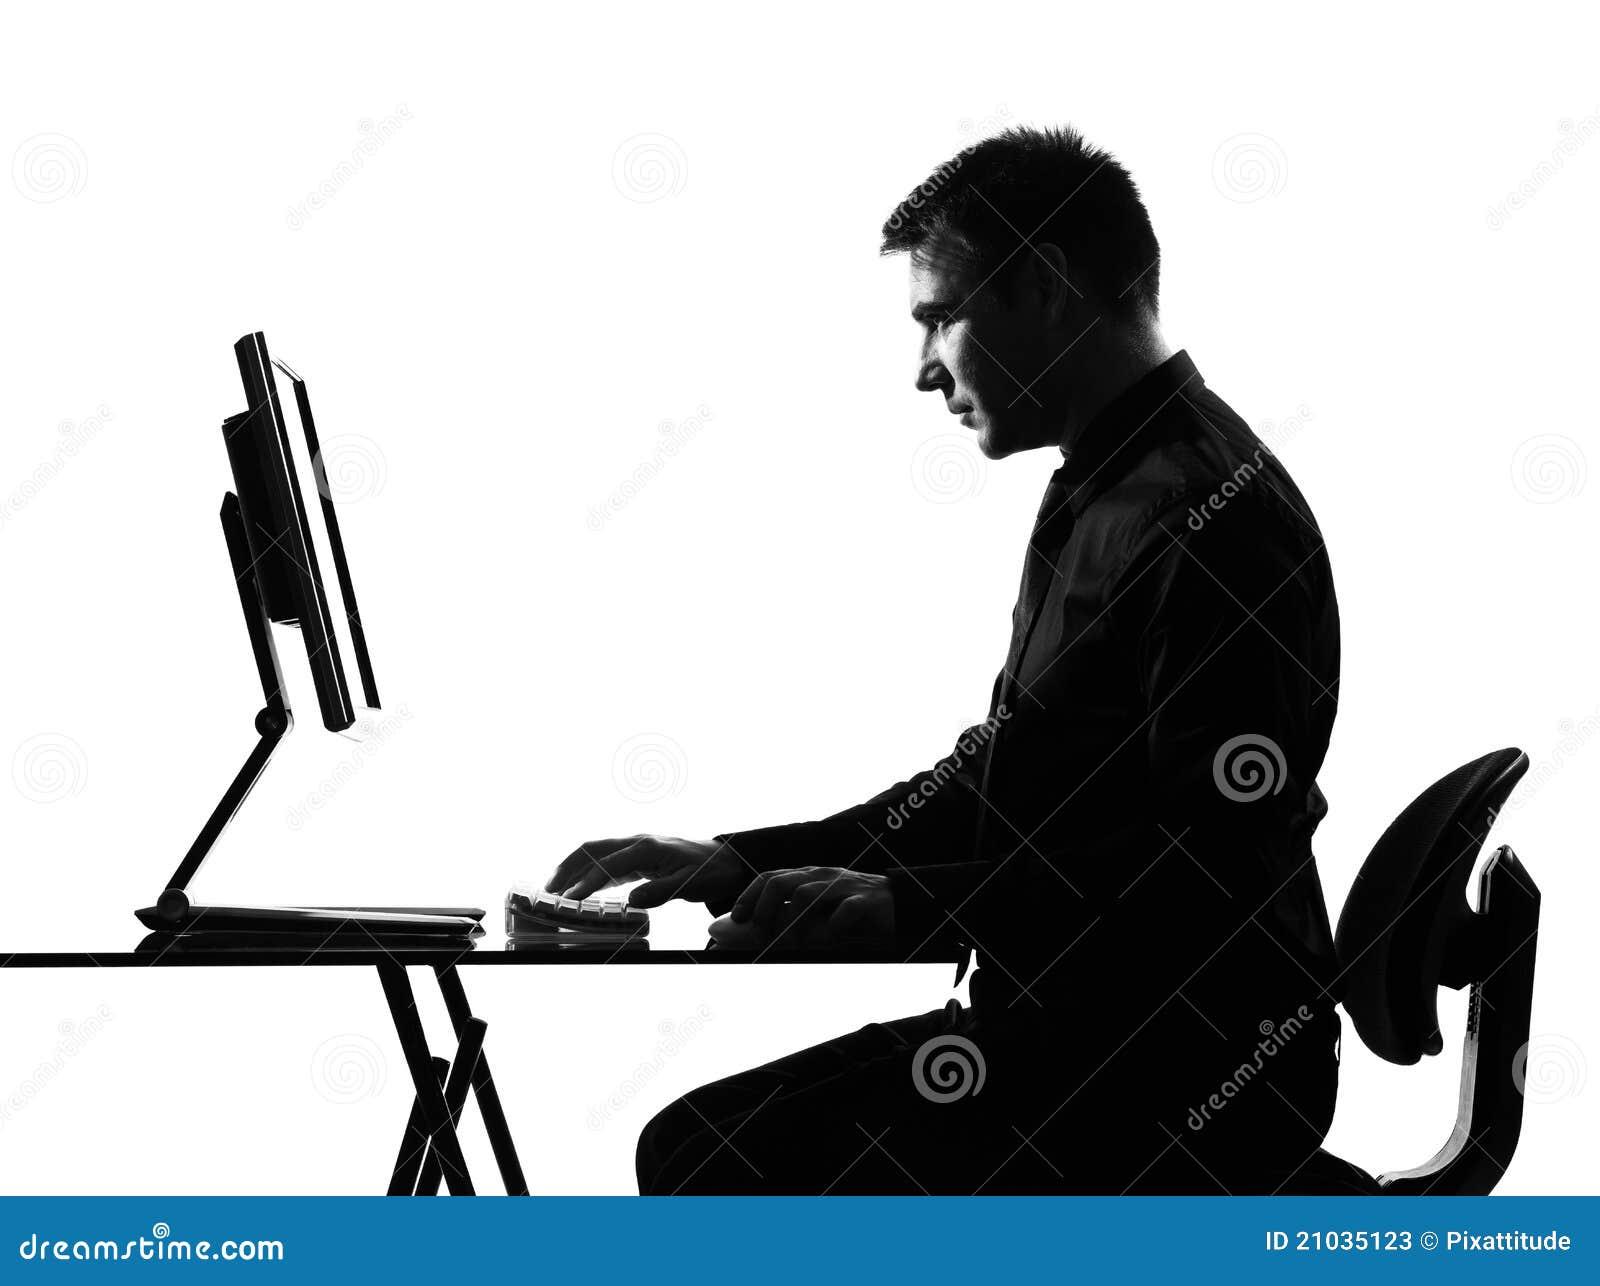 картинка человека силуэт